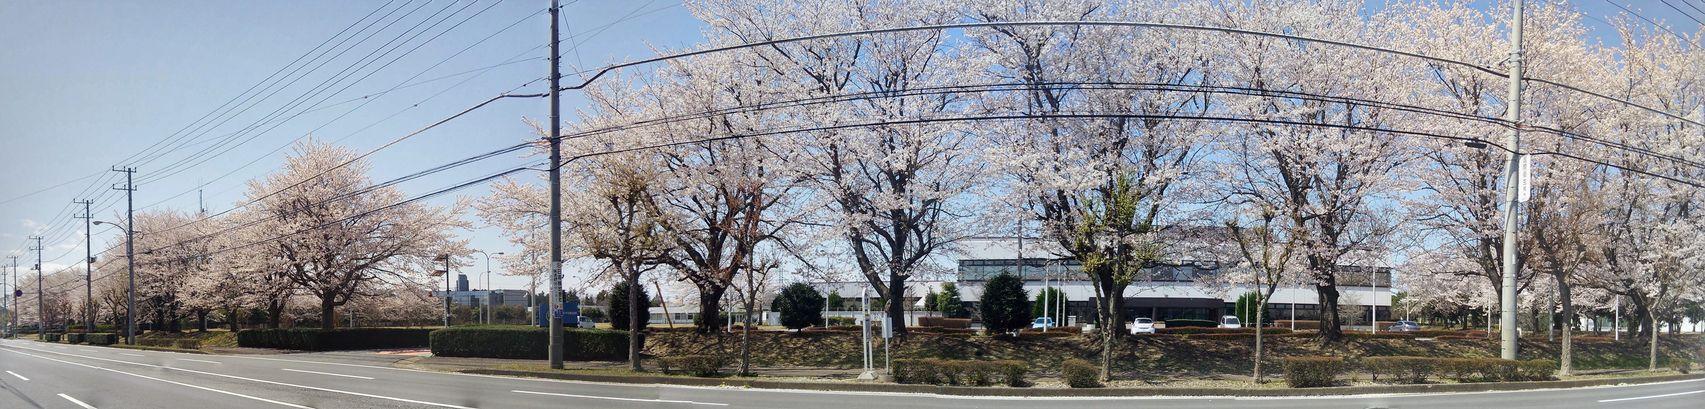 つくば 桜特集2014 インテルの桜 その2